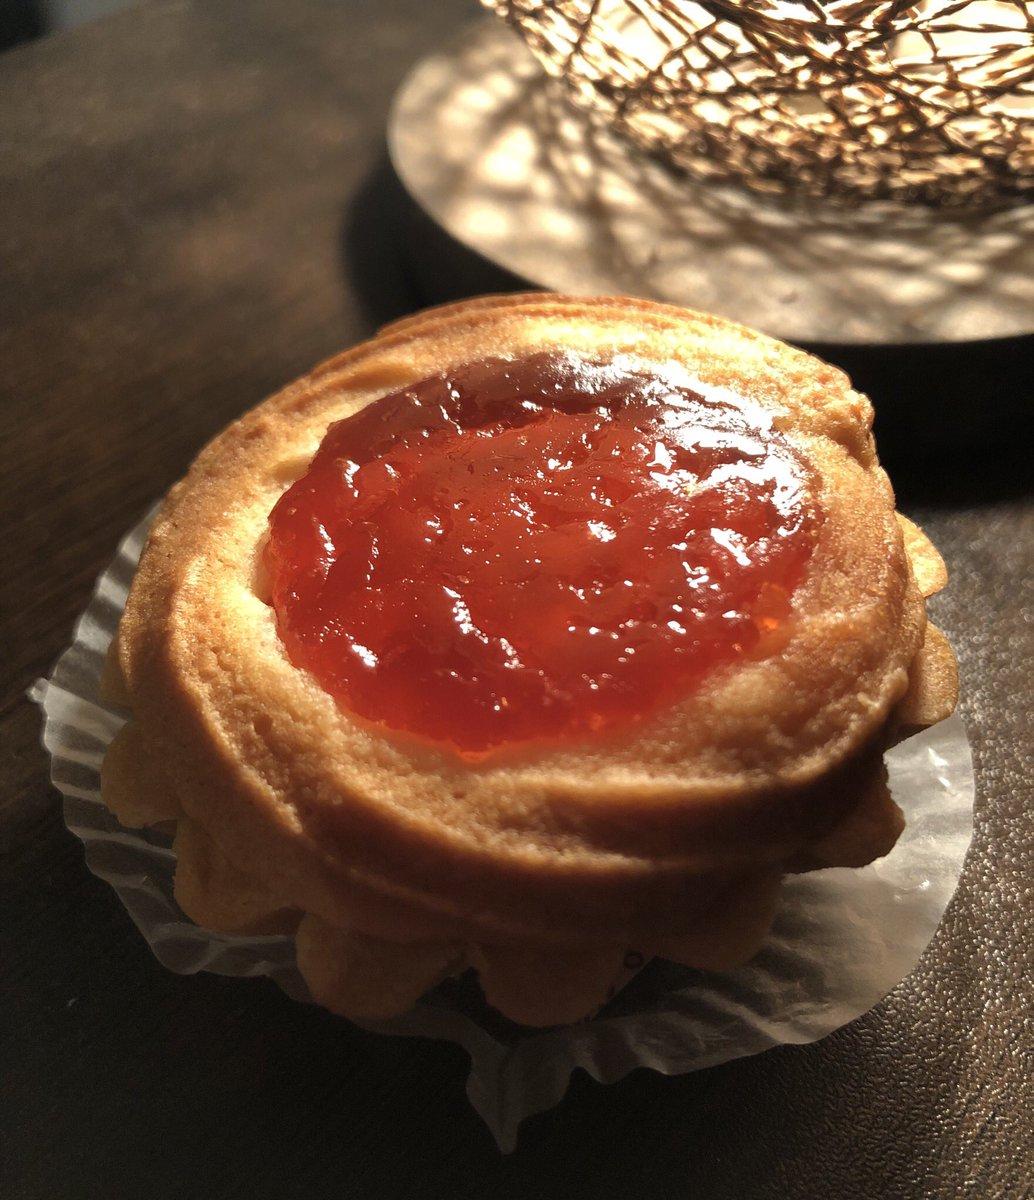 test ツイッターメディア - ヴィクトリアという名の美しいお菓子。 銀座ウエストのドライケーキは東京土産のど定番です。 https://t.co/ZMnht3eJei https://t.co/QYlg15R7bC